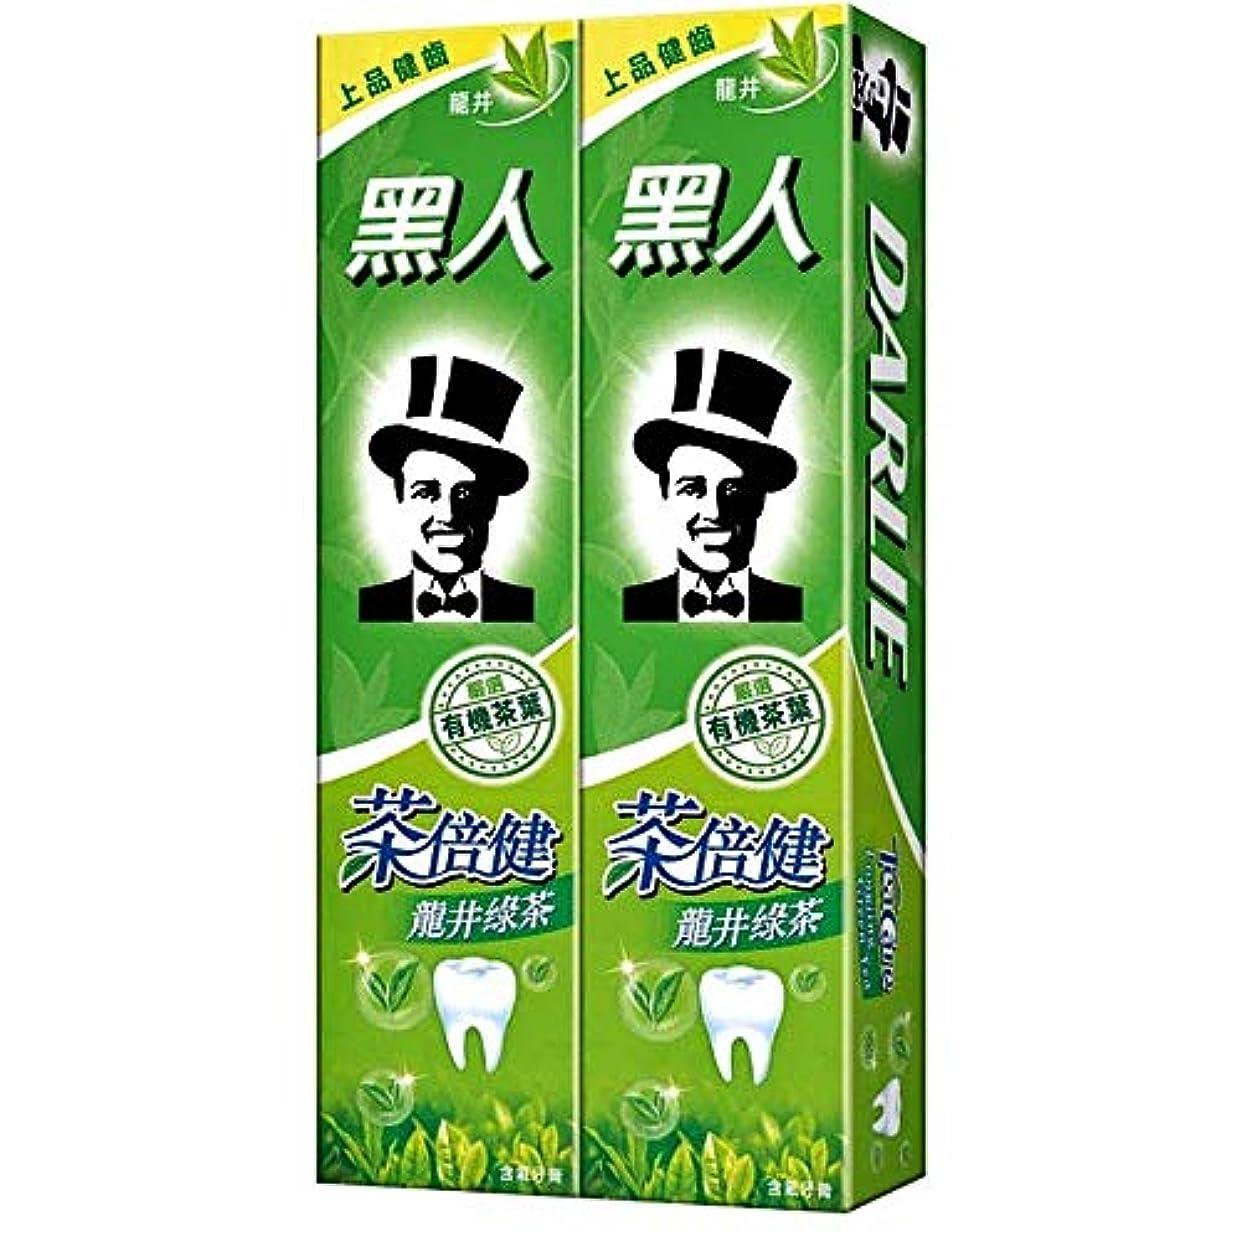 ウィンクファーザーファージュ消毒する黑人 茶倍健 龍井緑茶 緑茶成分歯磨き粉配合160g×2 [並行輸入品]